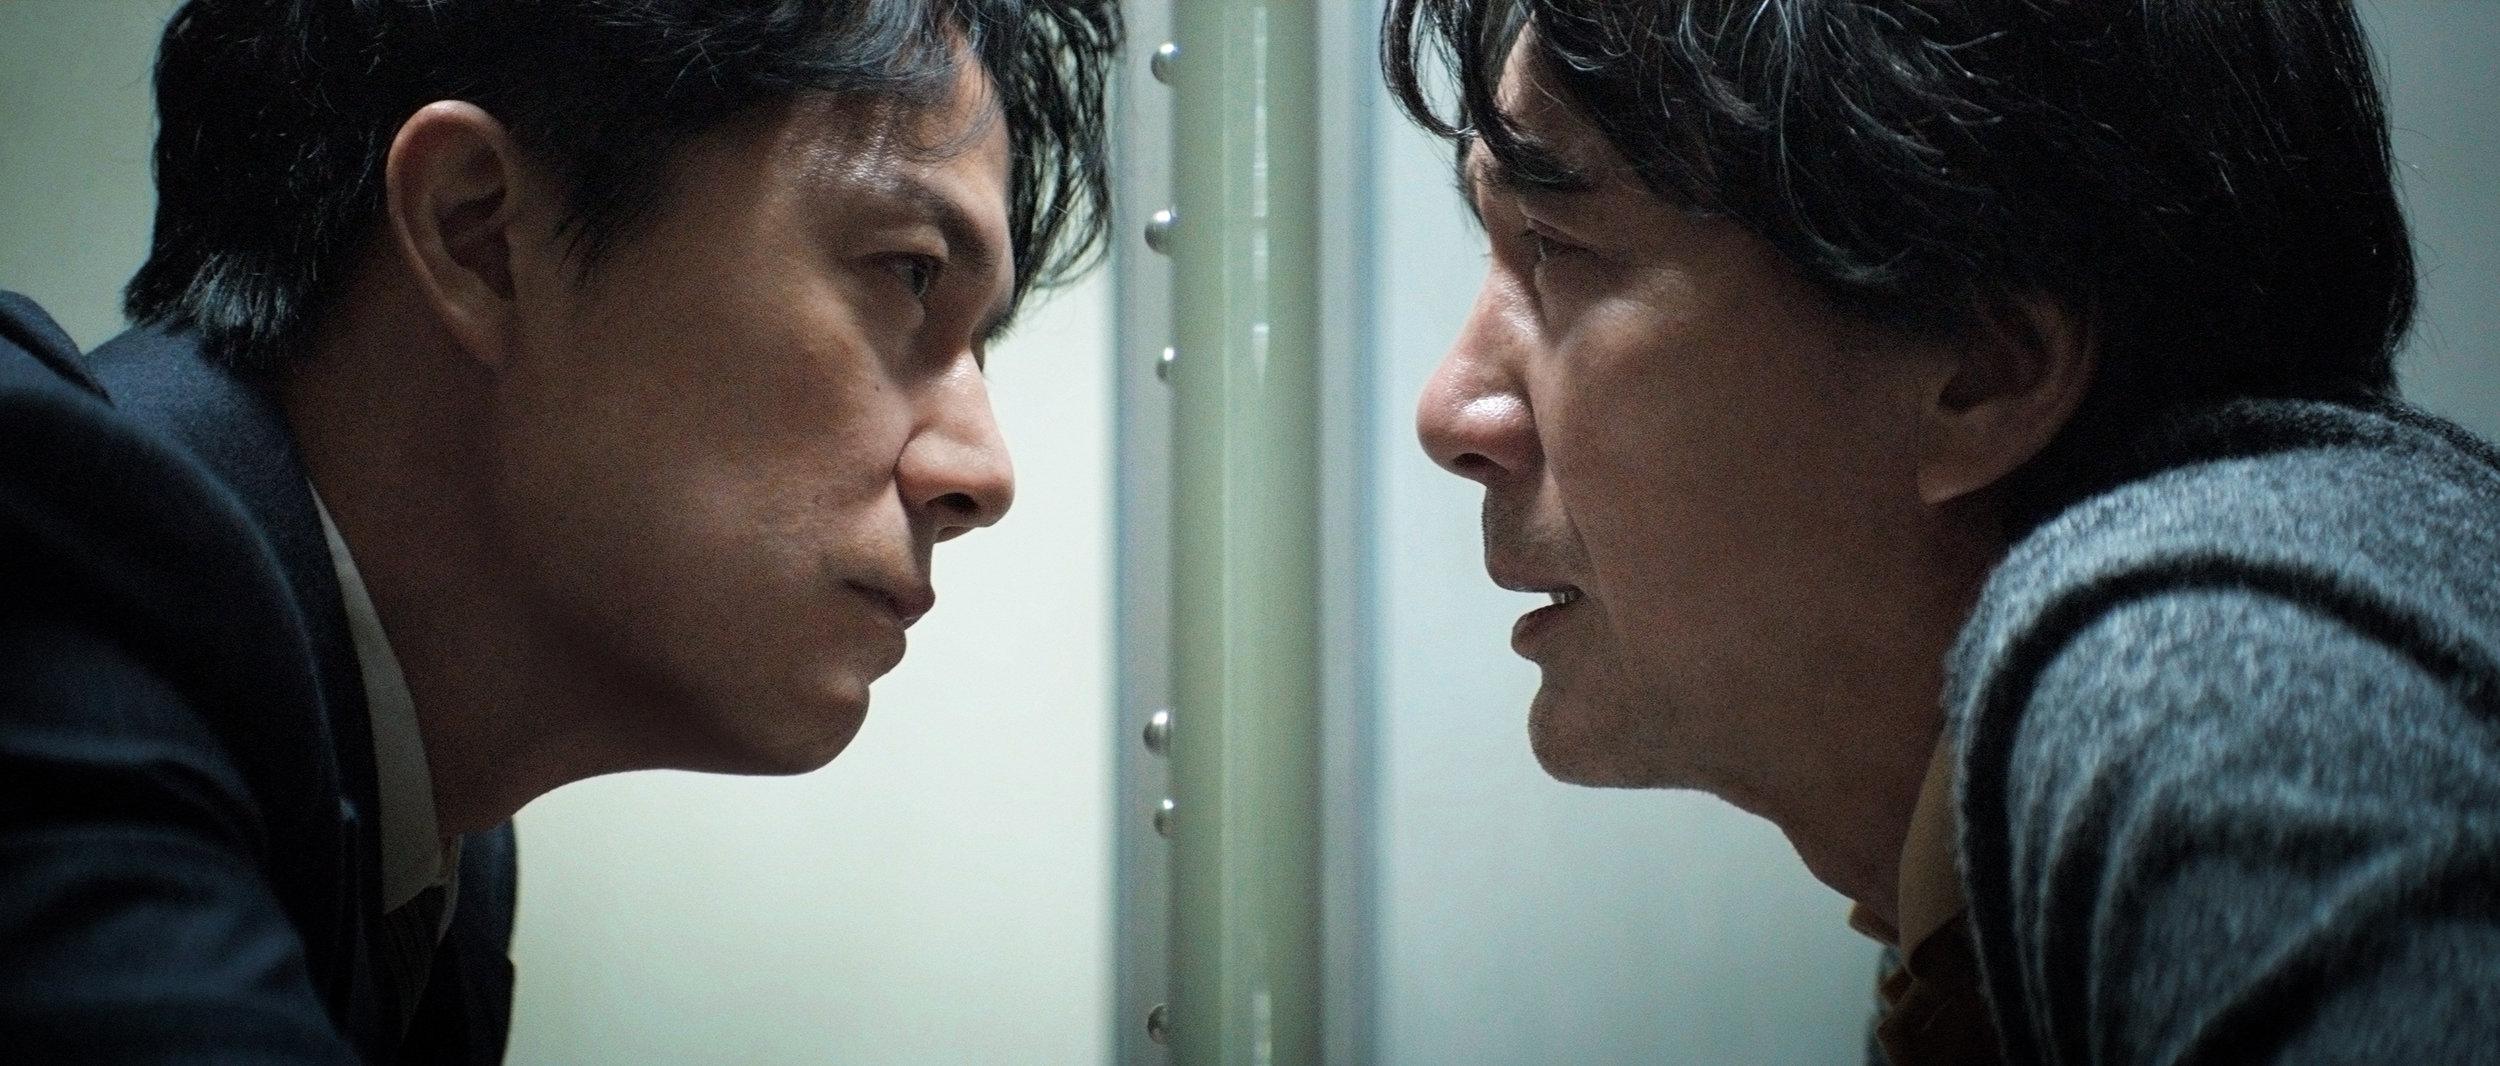 Forsvarsadvokat Shigemori (Masaharu Fukuyama, til venstre) vil finne sannheten om et drap, men ser den glippe. Det hjelper ham lite at tiltalte Misumi (Kôji Yakusho) stadig endrer forklaring.